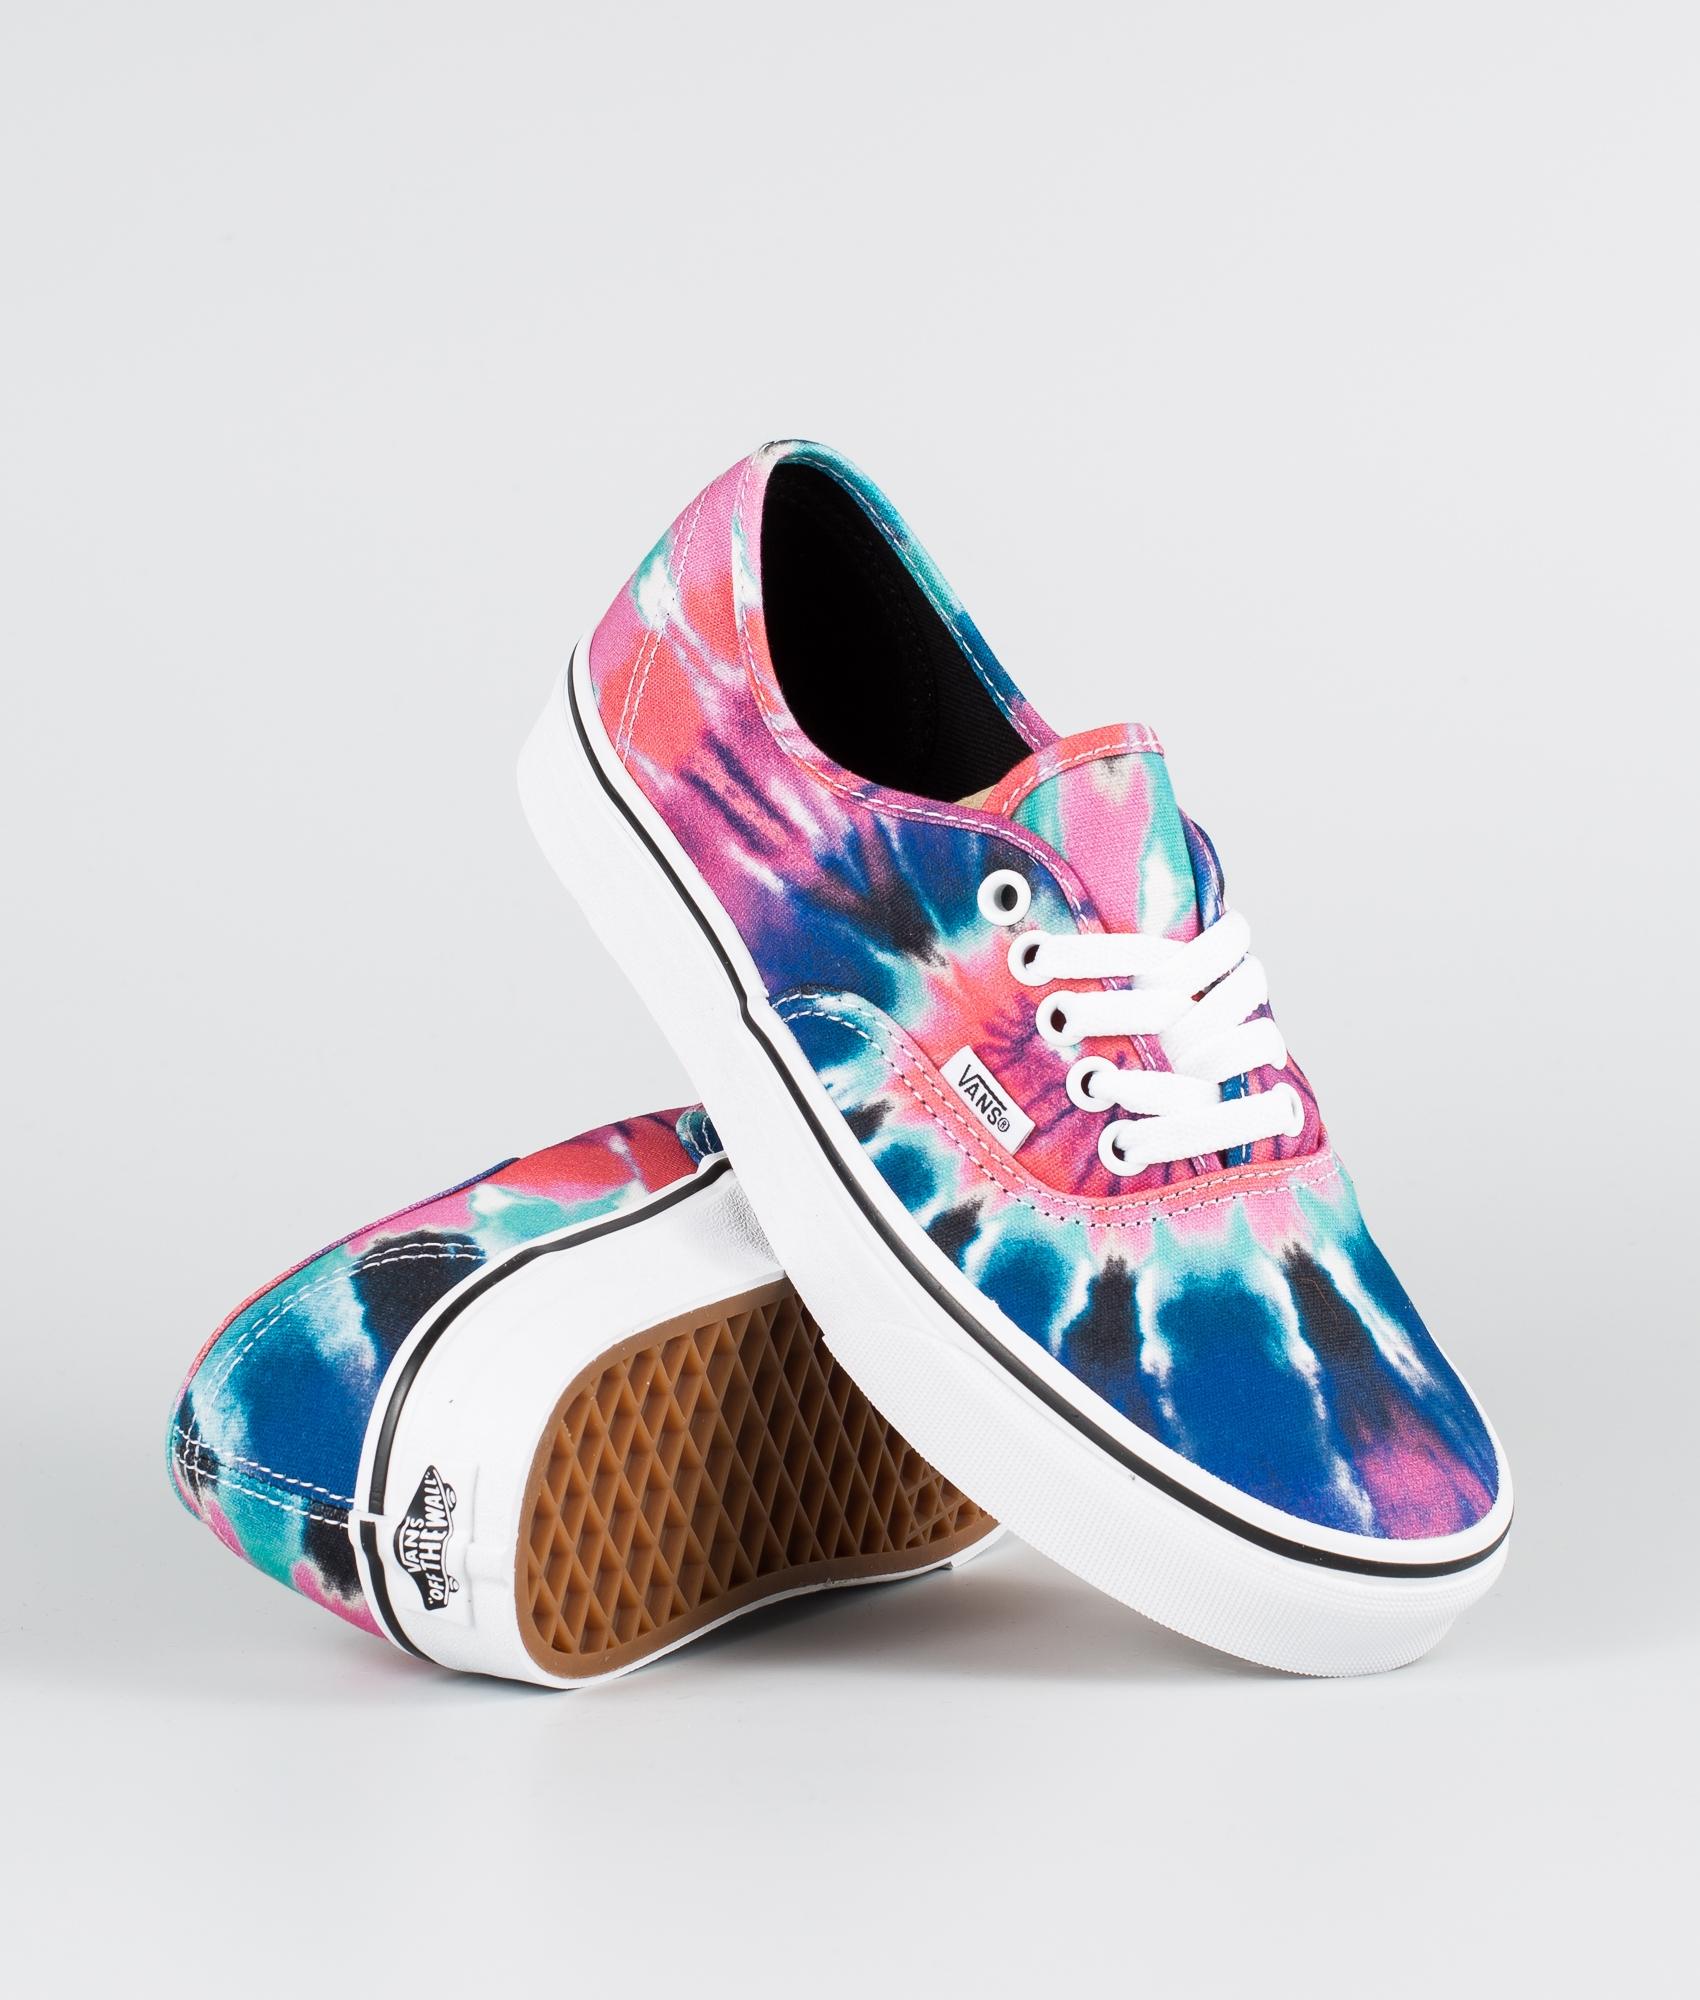 Vans Authentic Shoes (Tie Dye) Multi